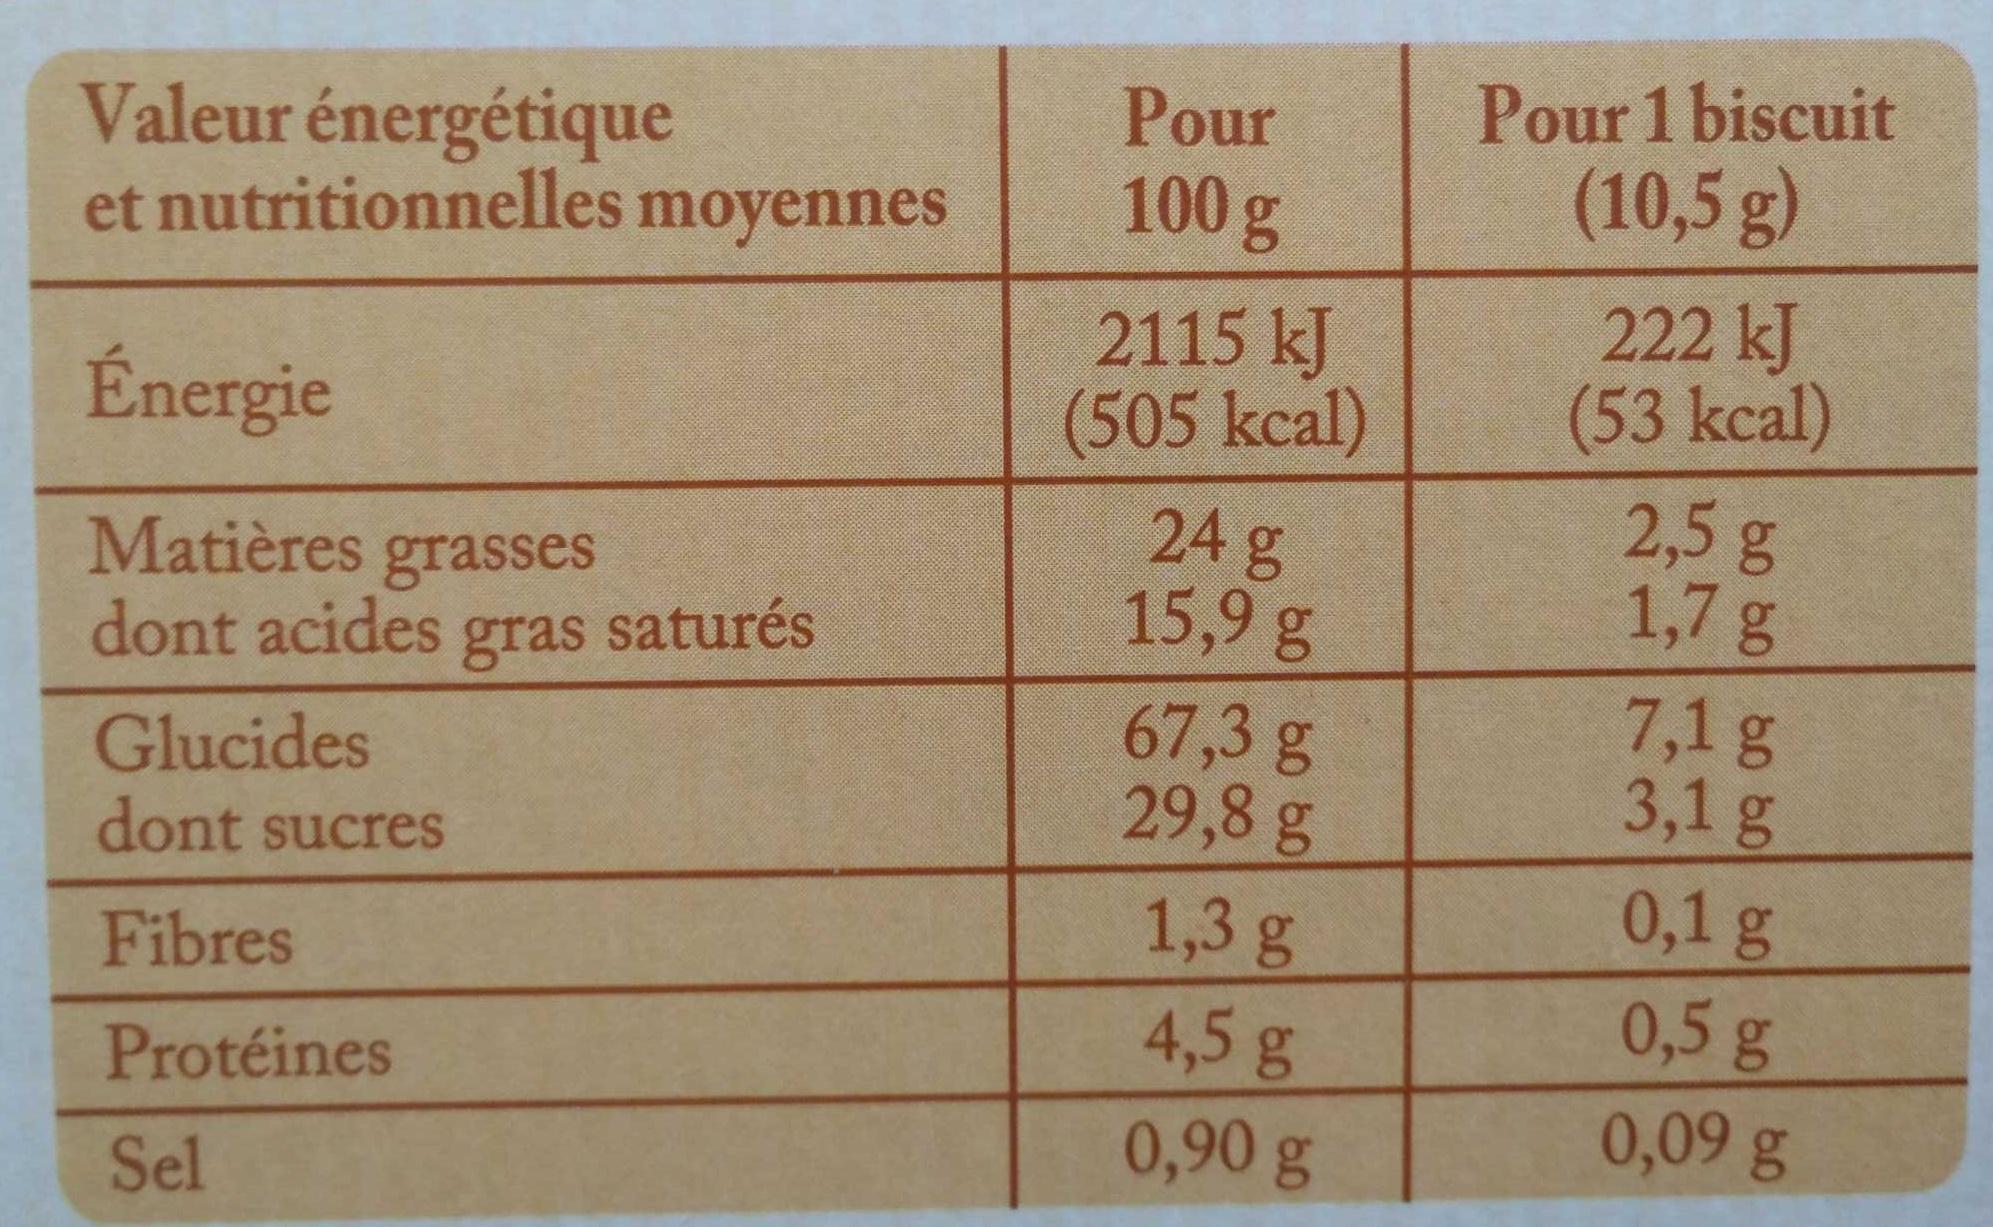 Galettes sablées caramel au beurre salé - Informations nutritionnelles - fr